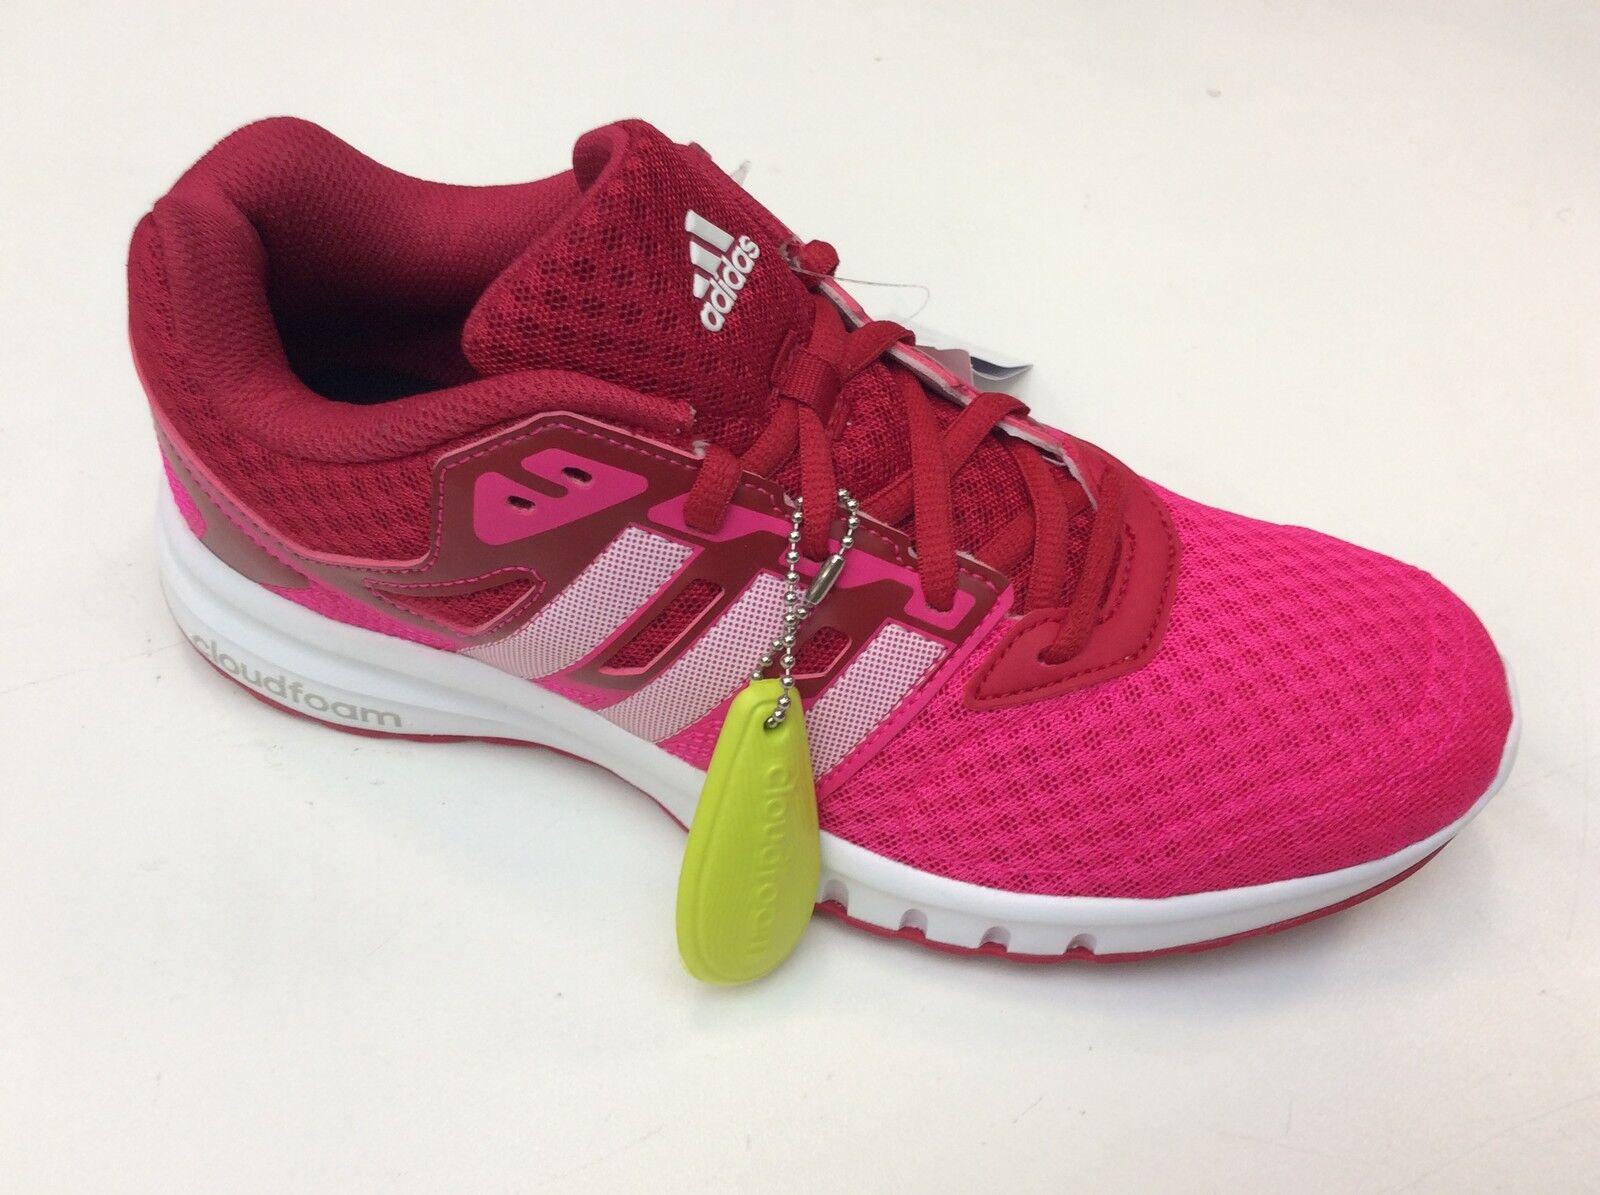 Adidas AQ2200 Schuhe Rennen Running Schuhe Turnschuhe Ausbilder Frau Galaxy 2 W